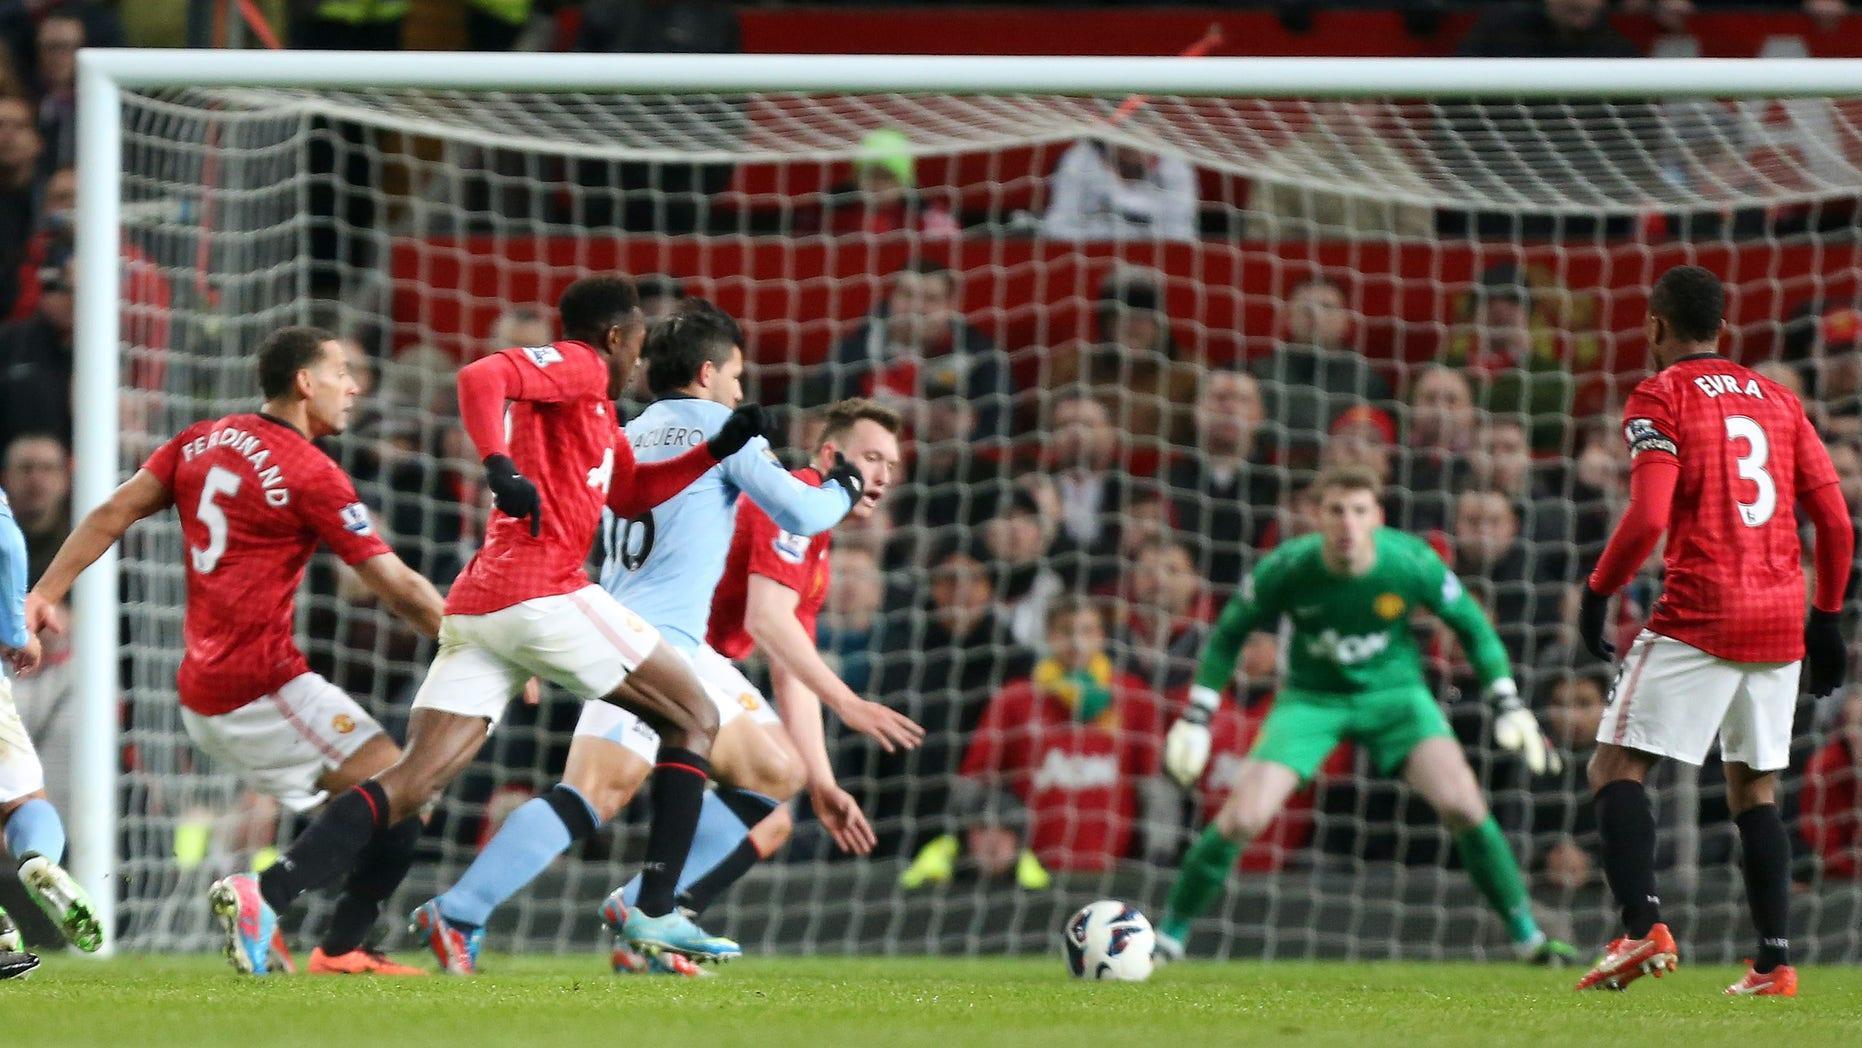 Sergio Agüero, en azul, se abre paso para anotar un gol para el Manchester City ante Manchester United el lunes 8 de abril de 2013. (AP Foto/Jon Super)